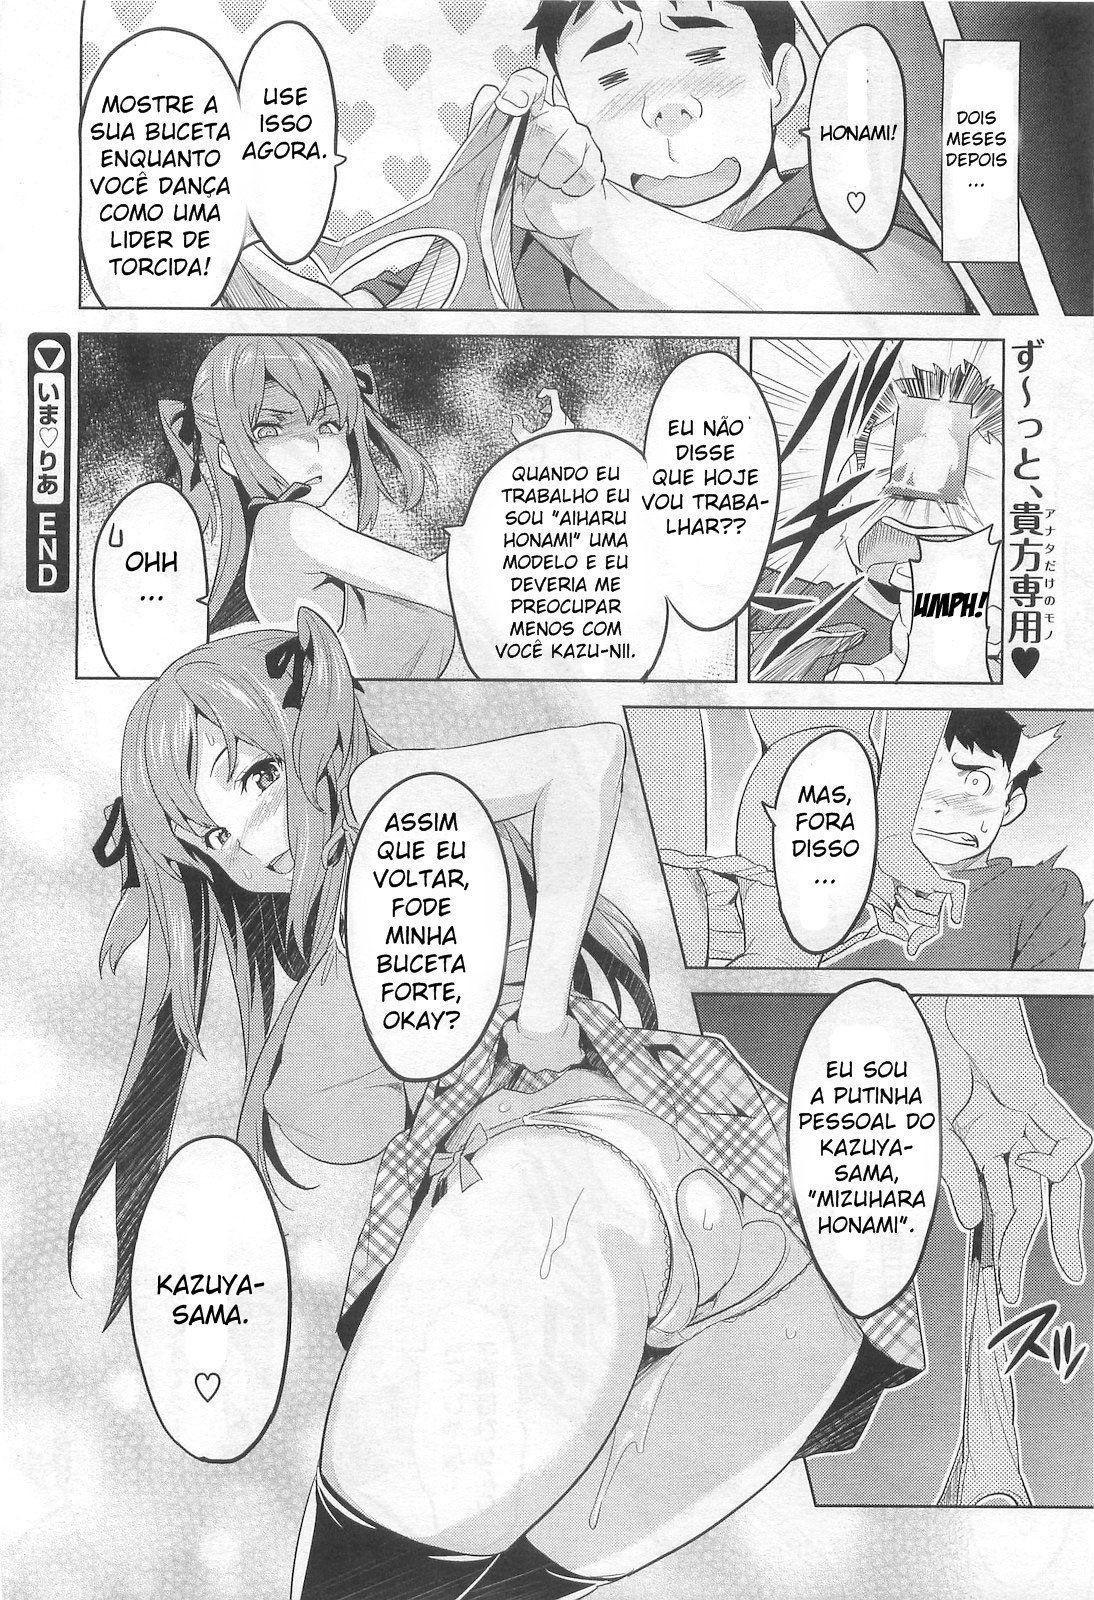 Hentaihome Sonho erótico com à Honami 26